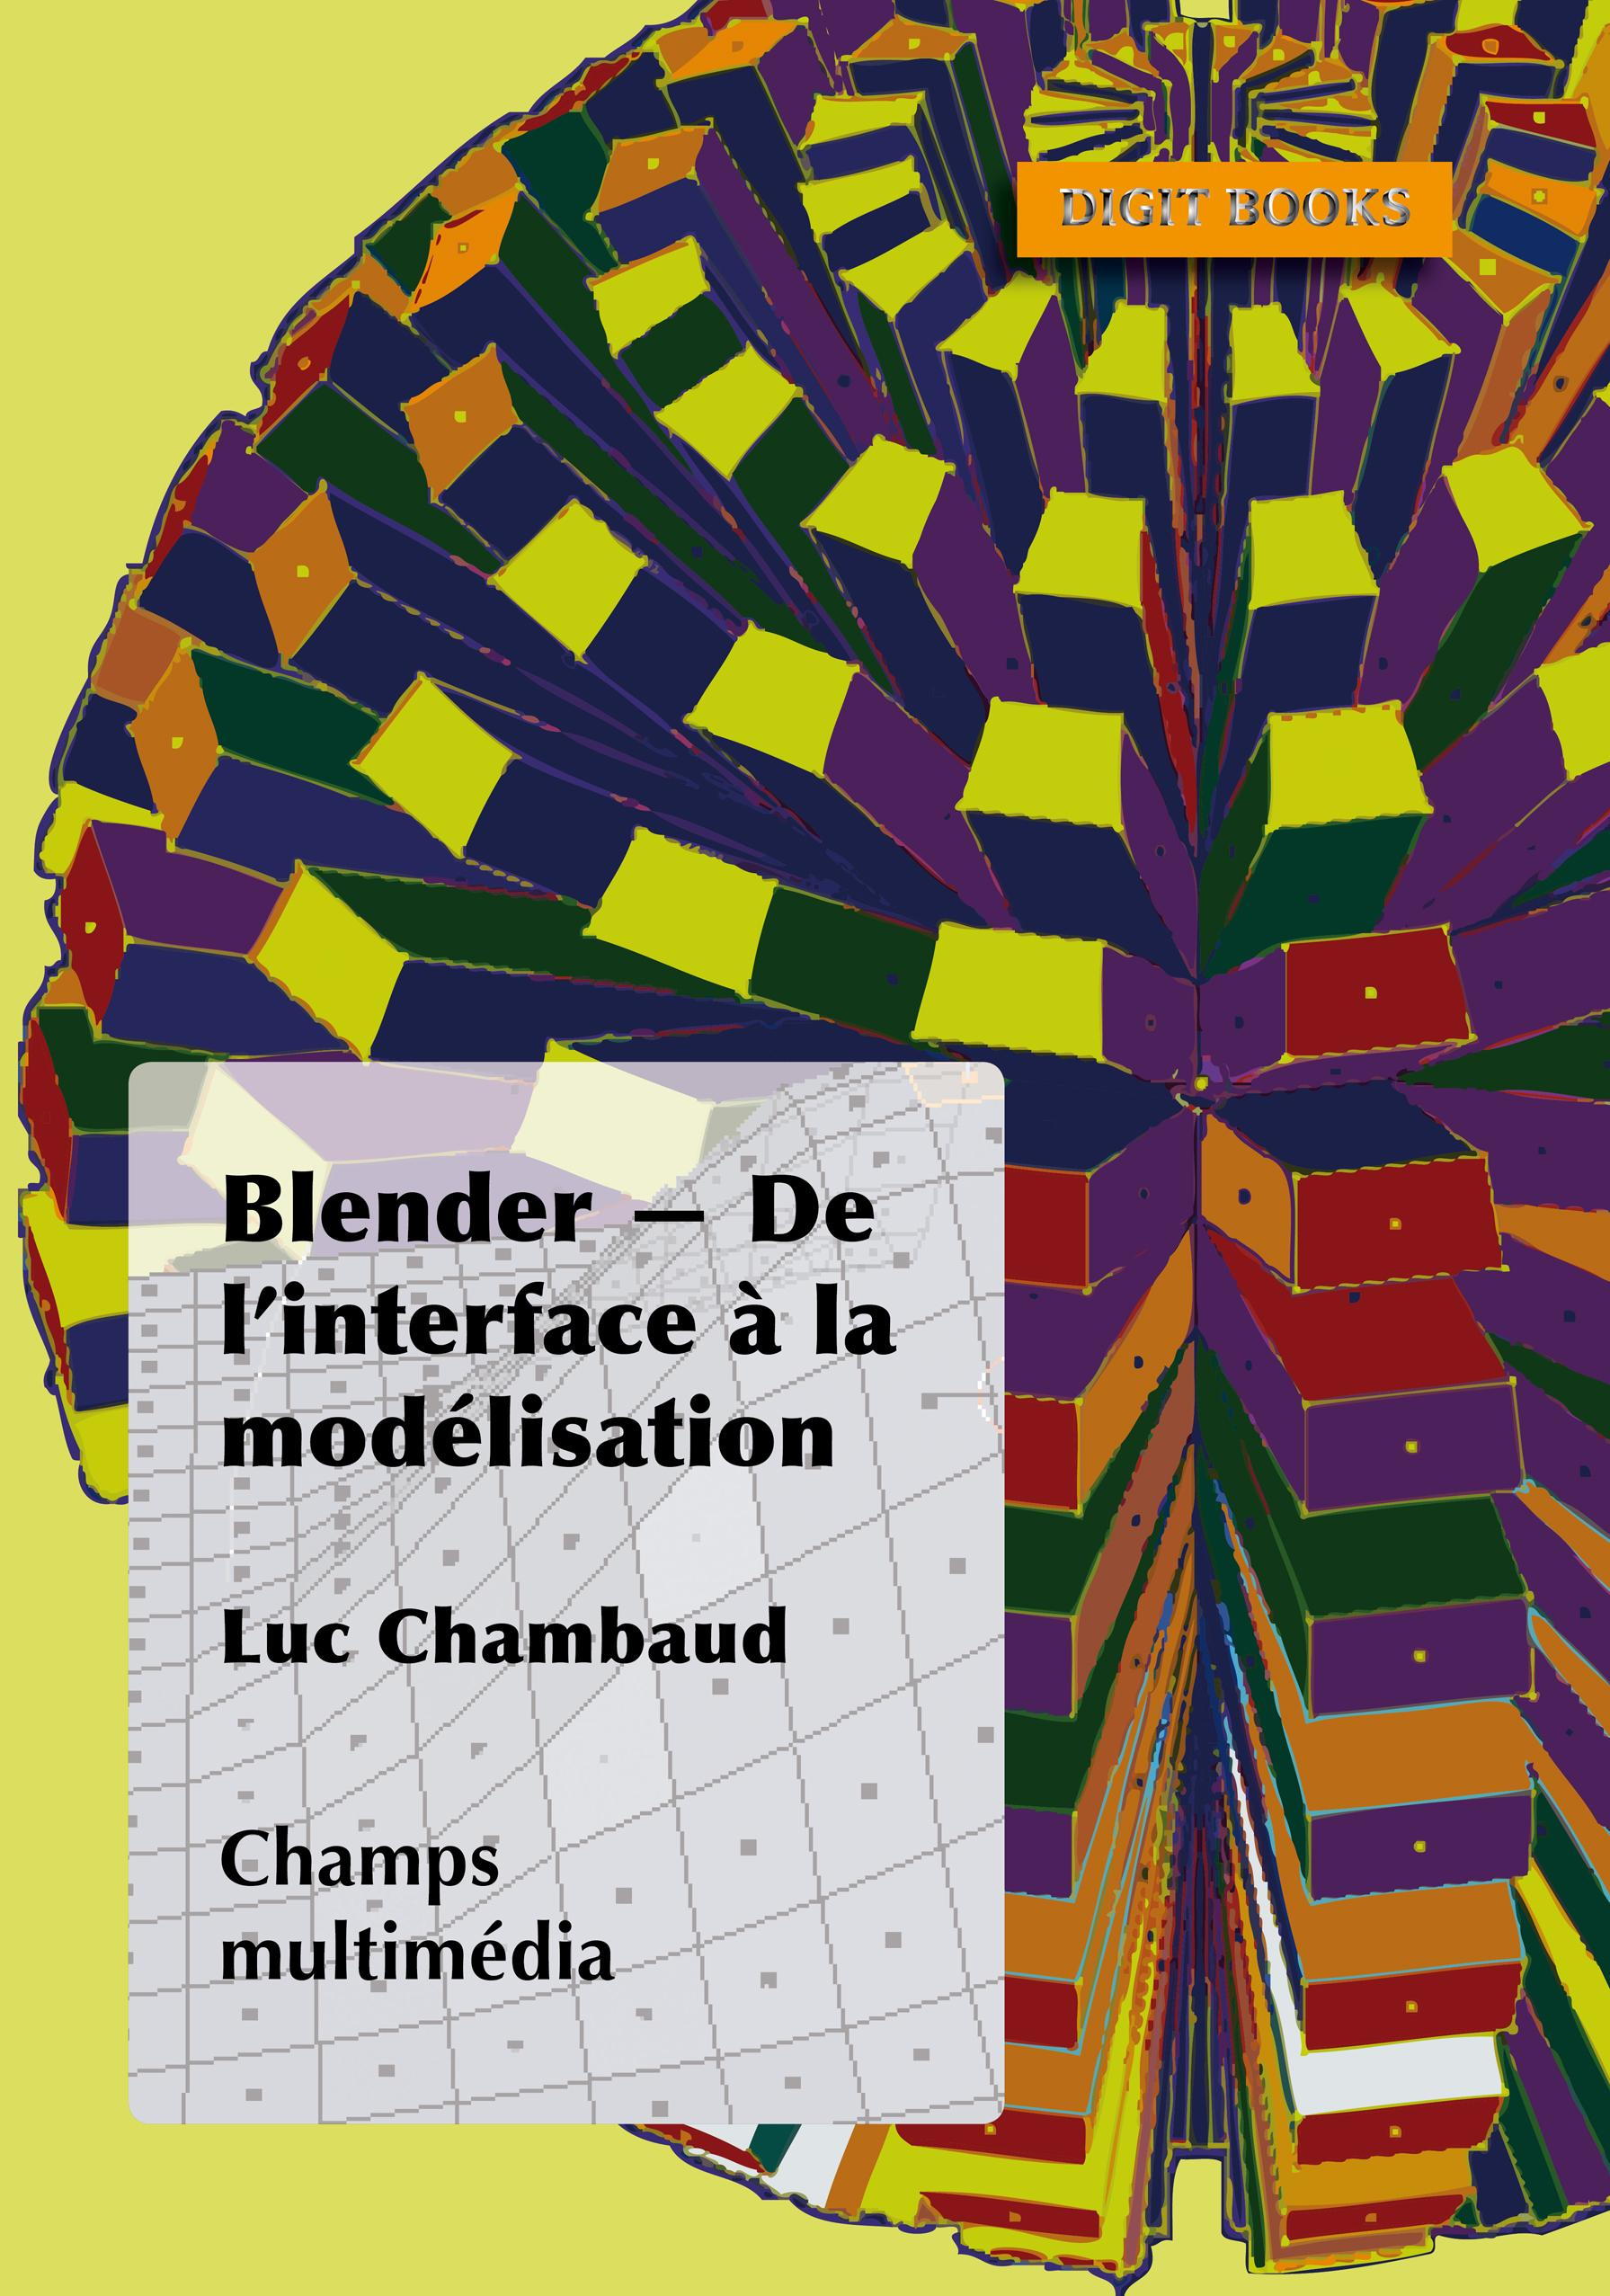 Blender - De l'interface à la modélisation